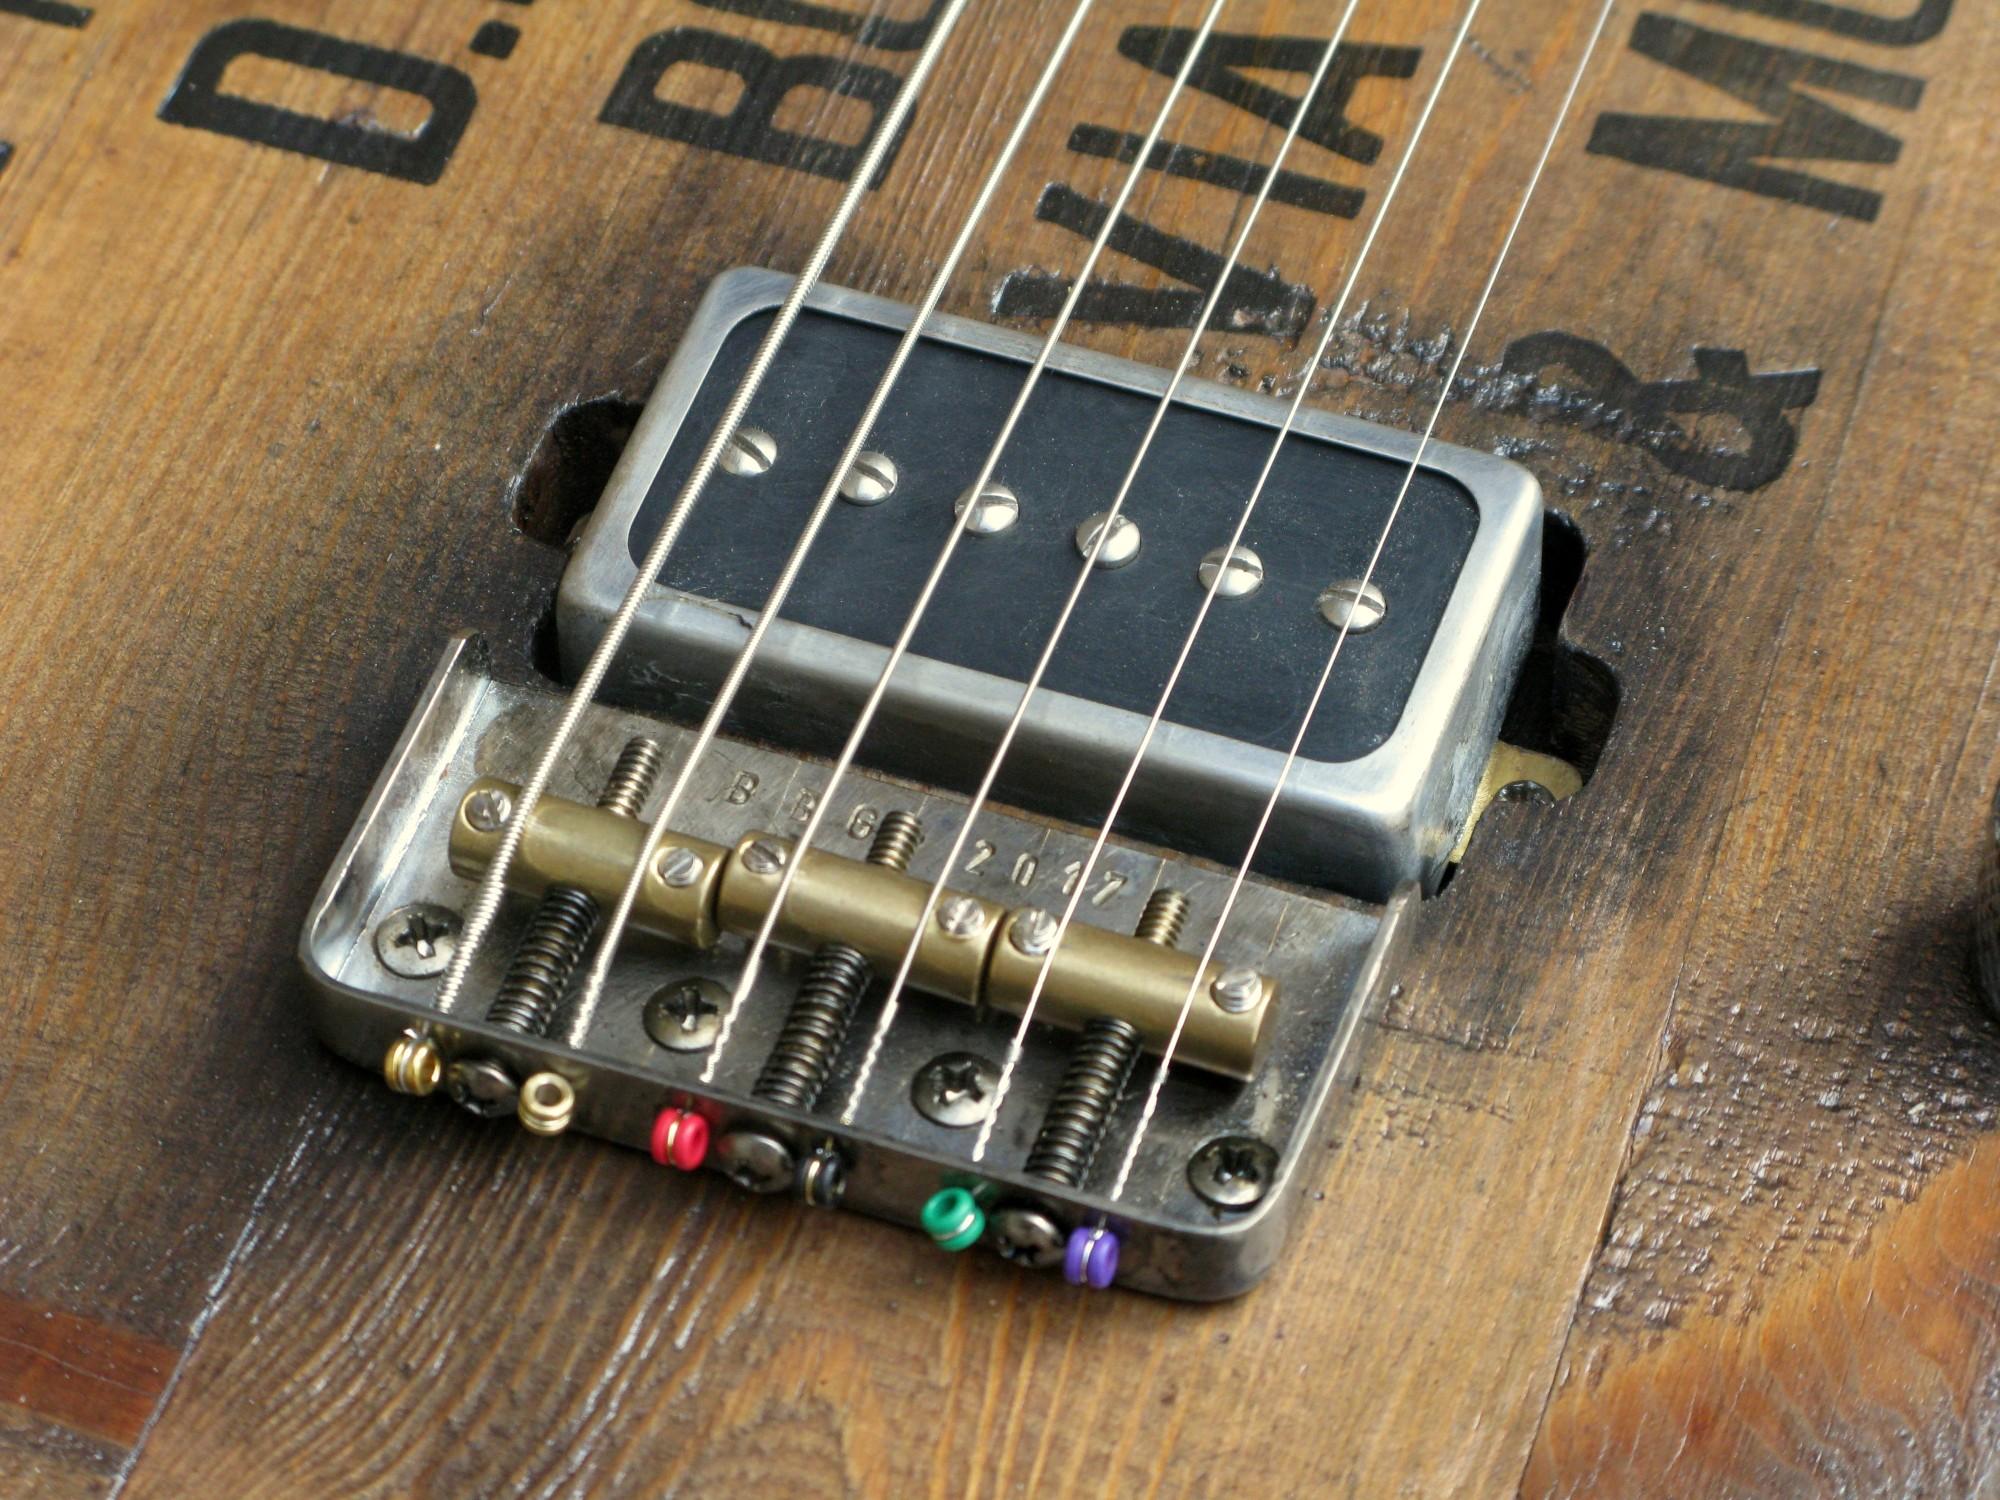 Ponte e pickup di una chitarra elettrica baritono modello Telecaster con top ricavato da una vecchia cassetta di polvere da sparo